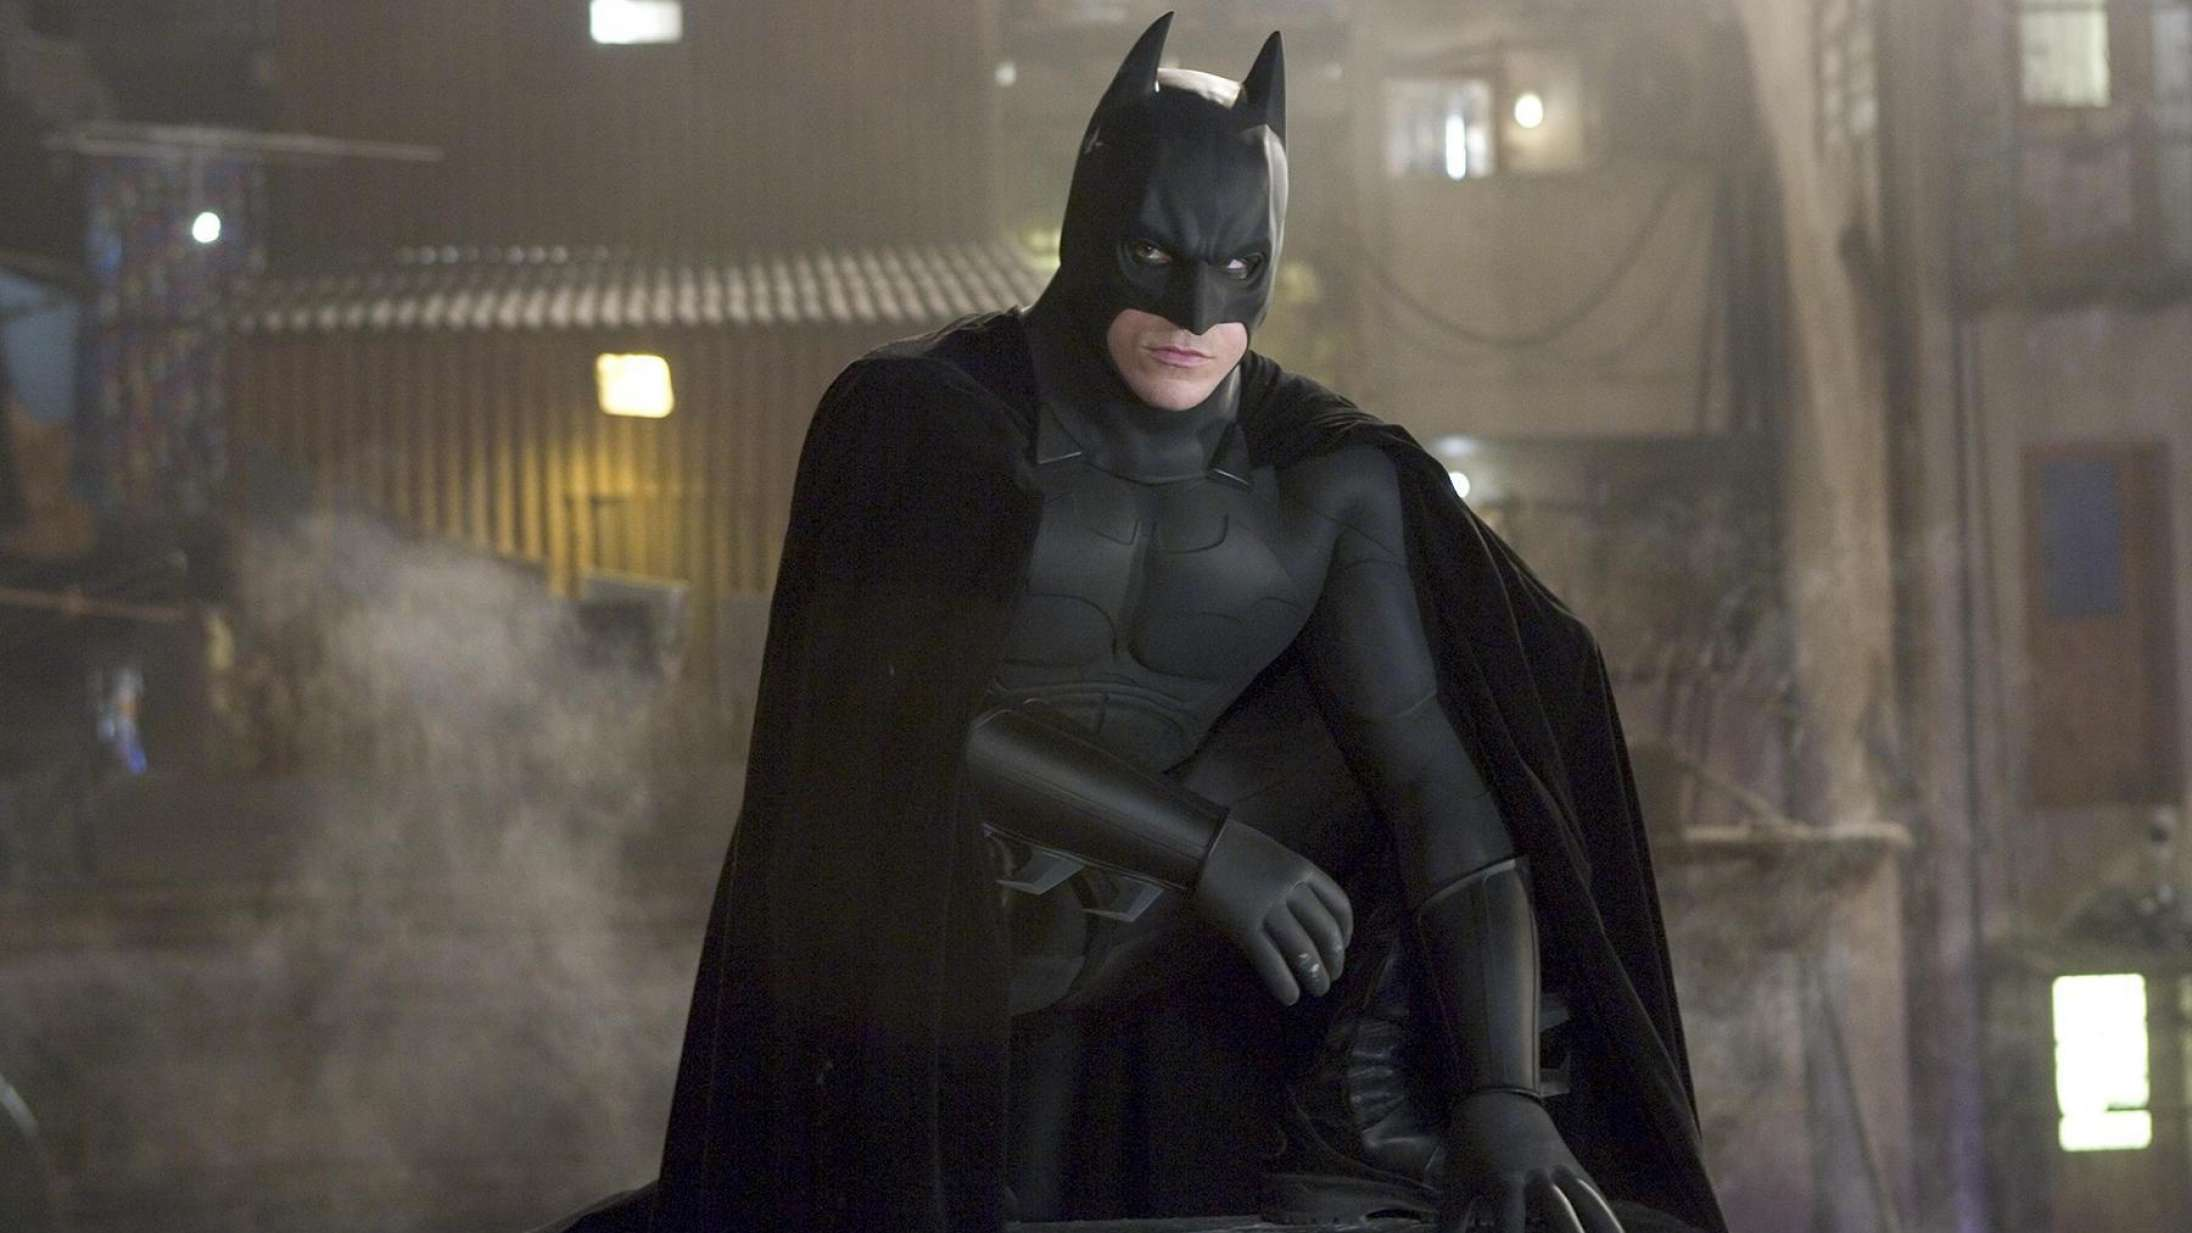 'Batman Begins' står i et helt nyt lys i dag – som en triumf på flere planer